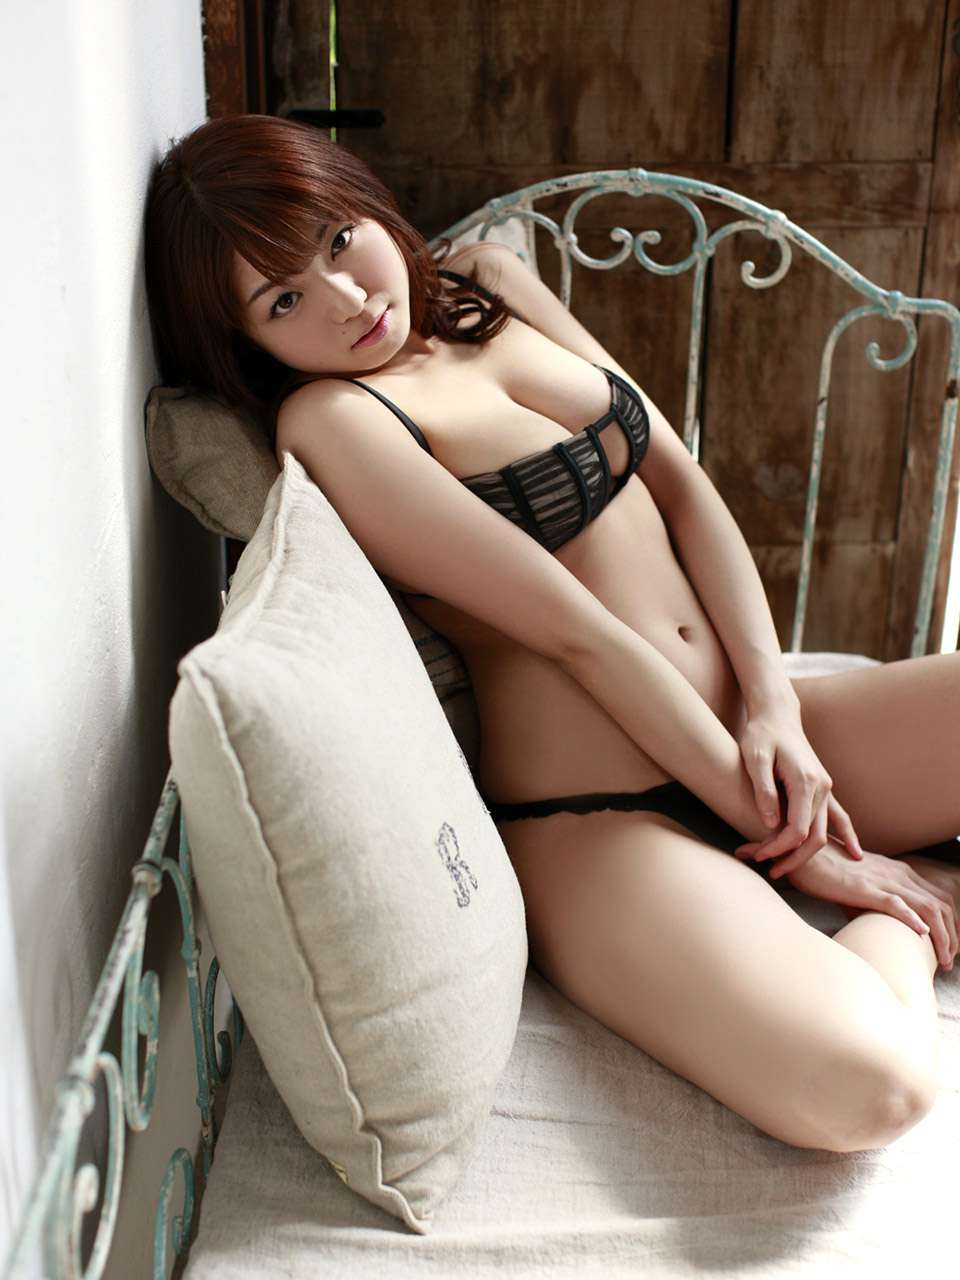 Shizuka Porn - Badjojo